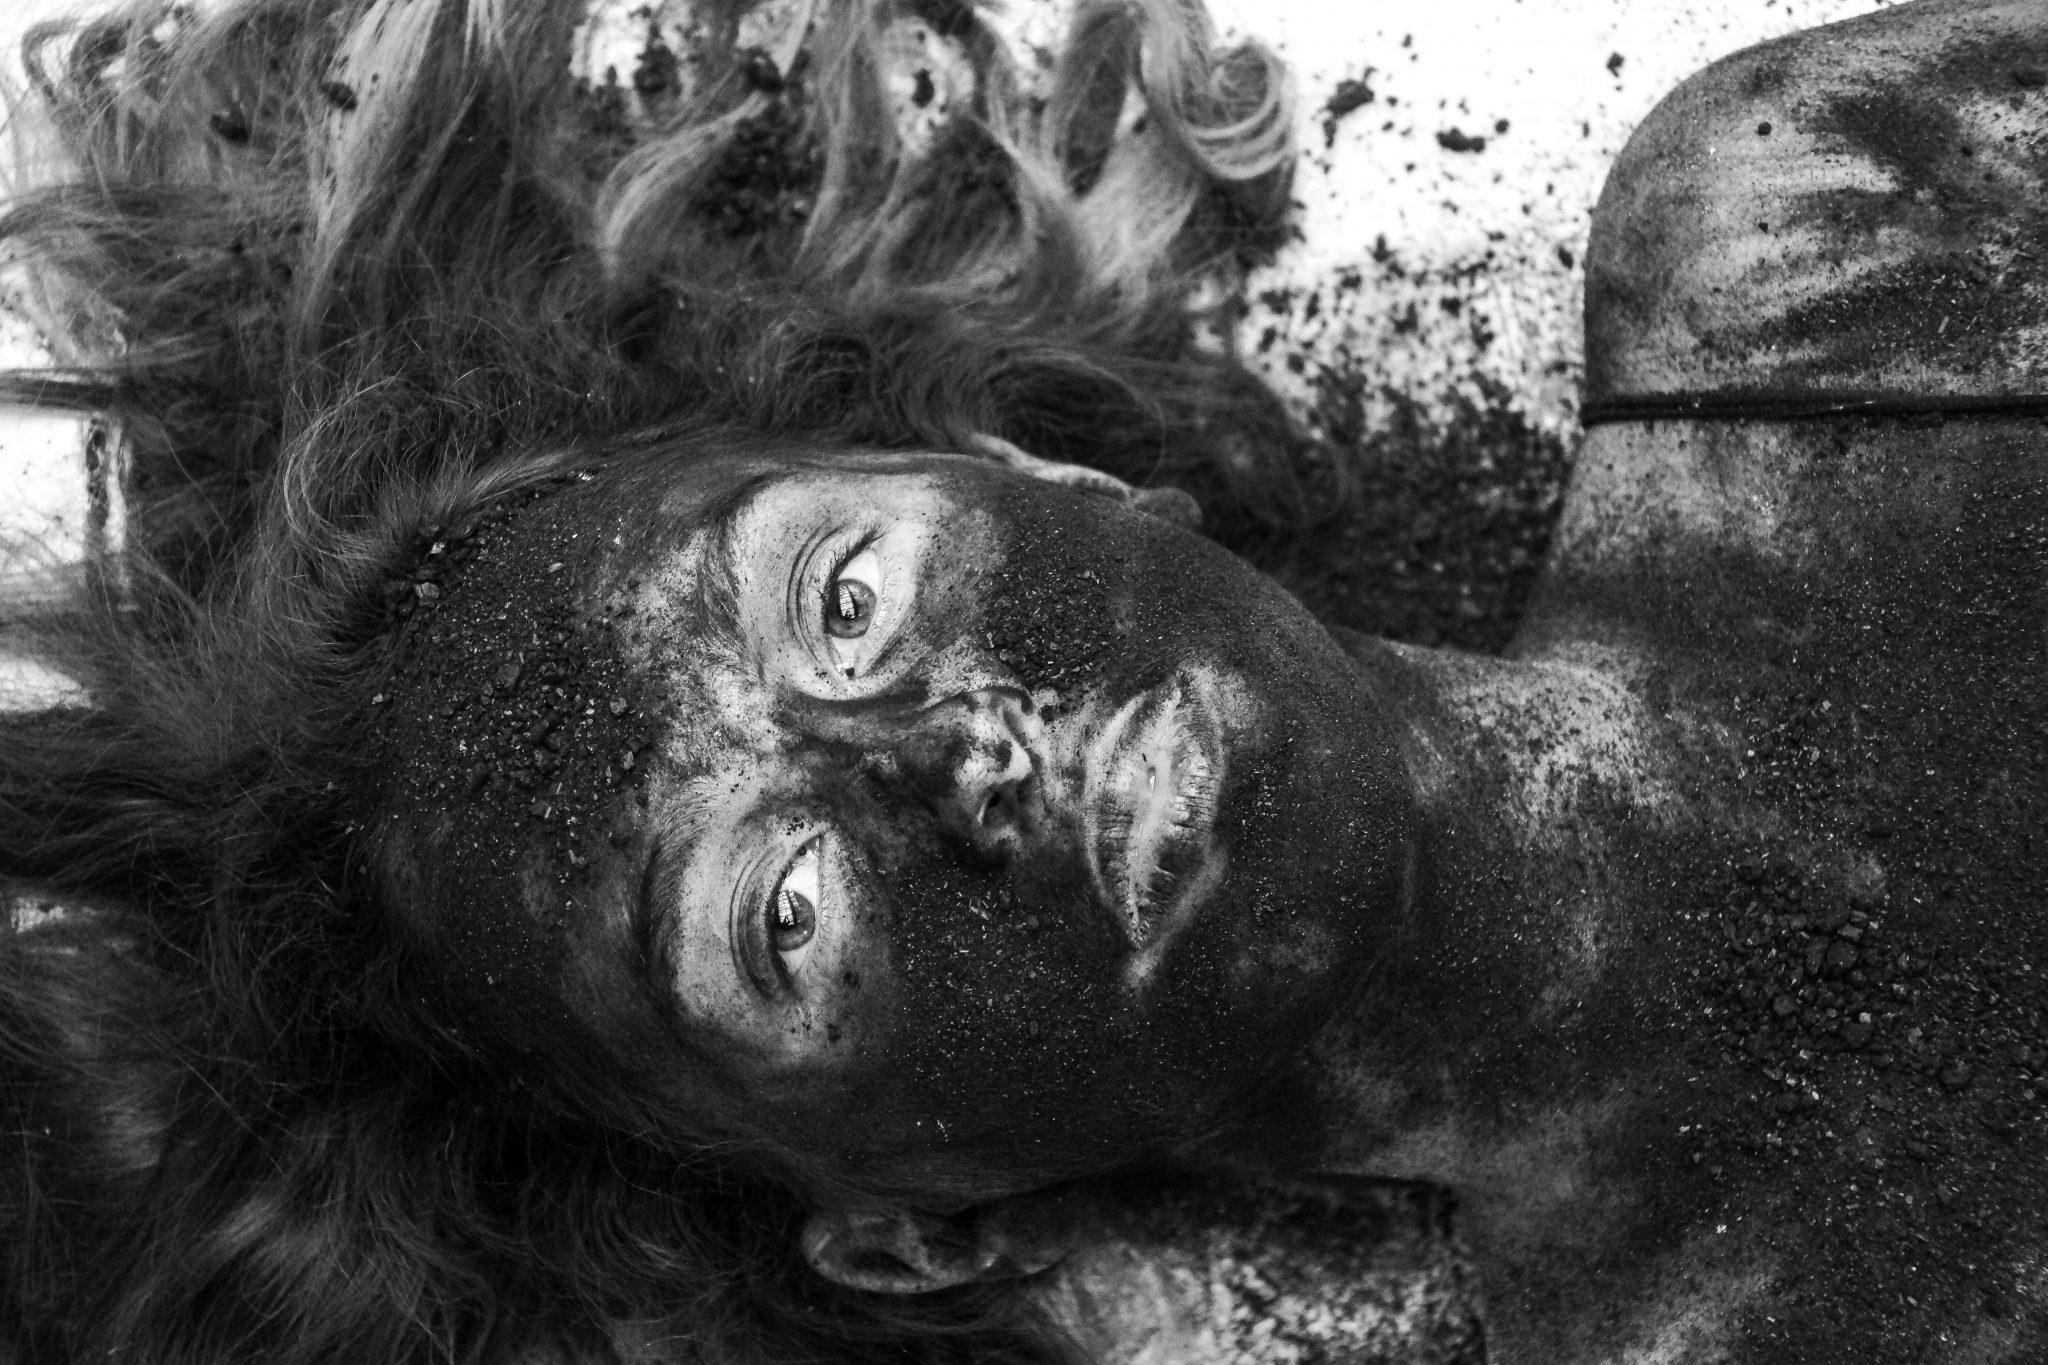 Ein weibliches Gesicht mit Kohle beschmiert und offenen Haaren liegt am Boden der verlassenen Bowlinghalle.